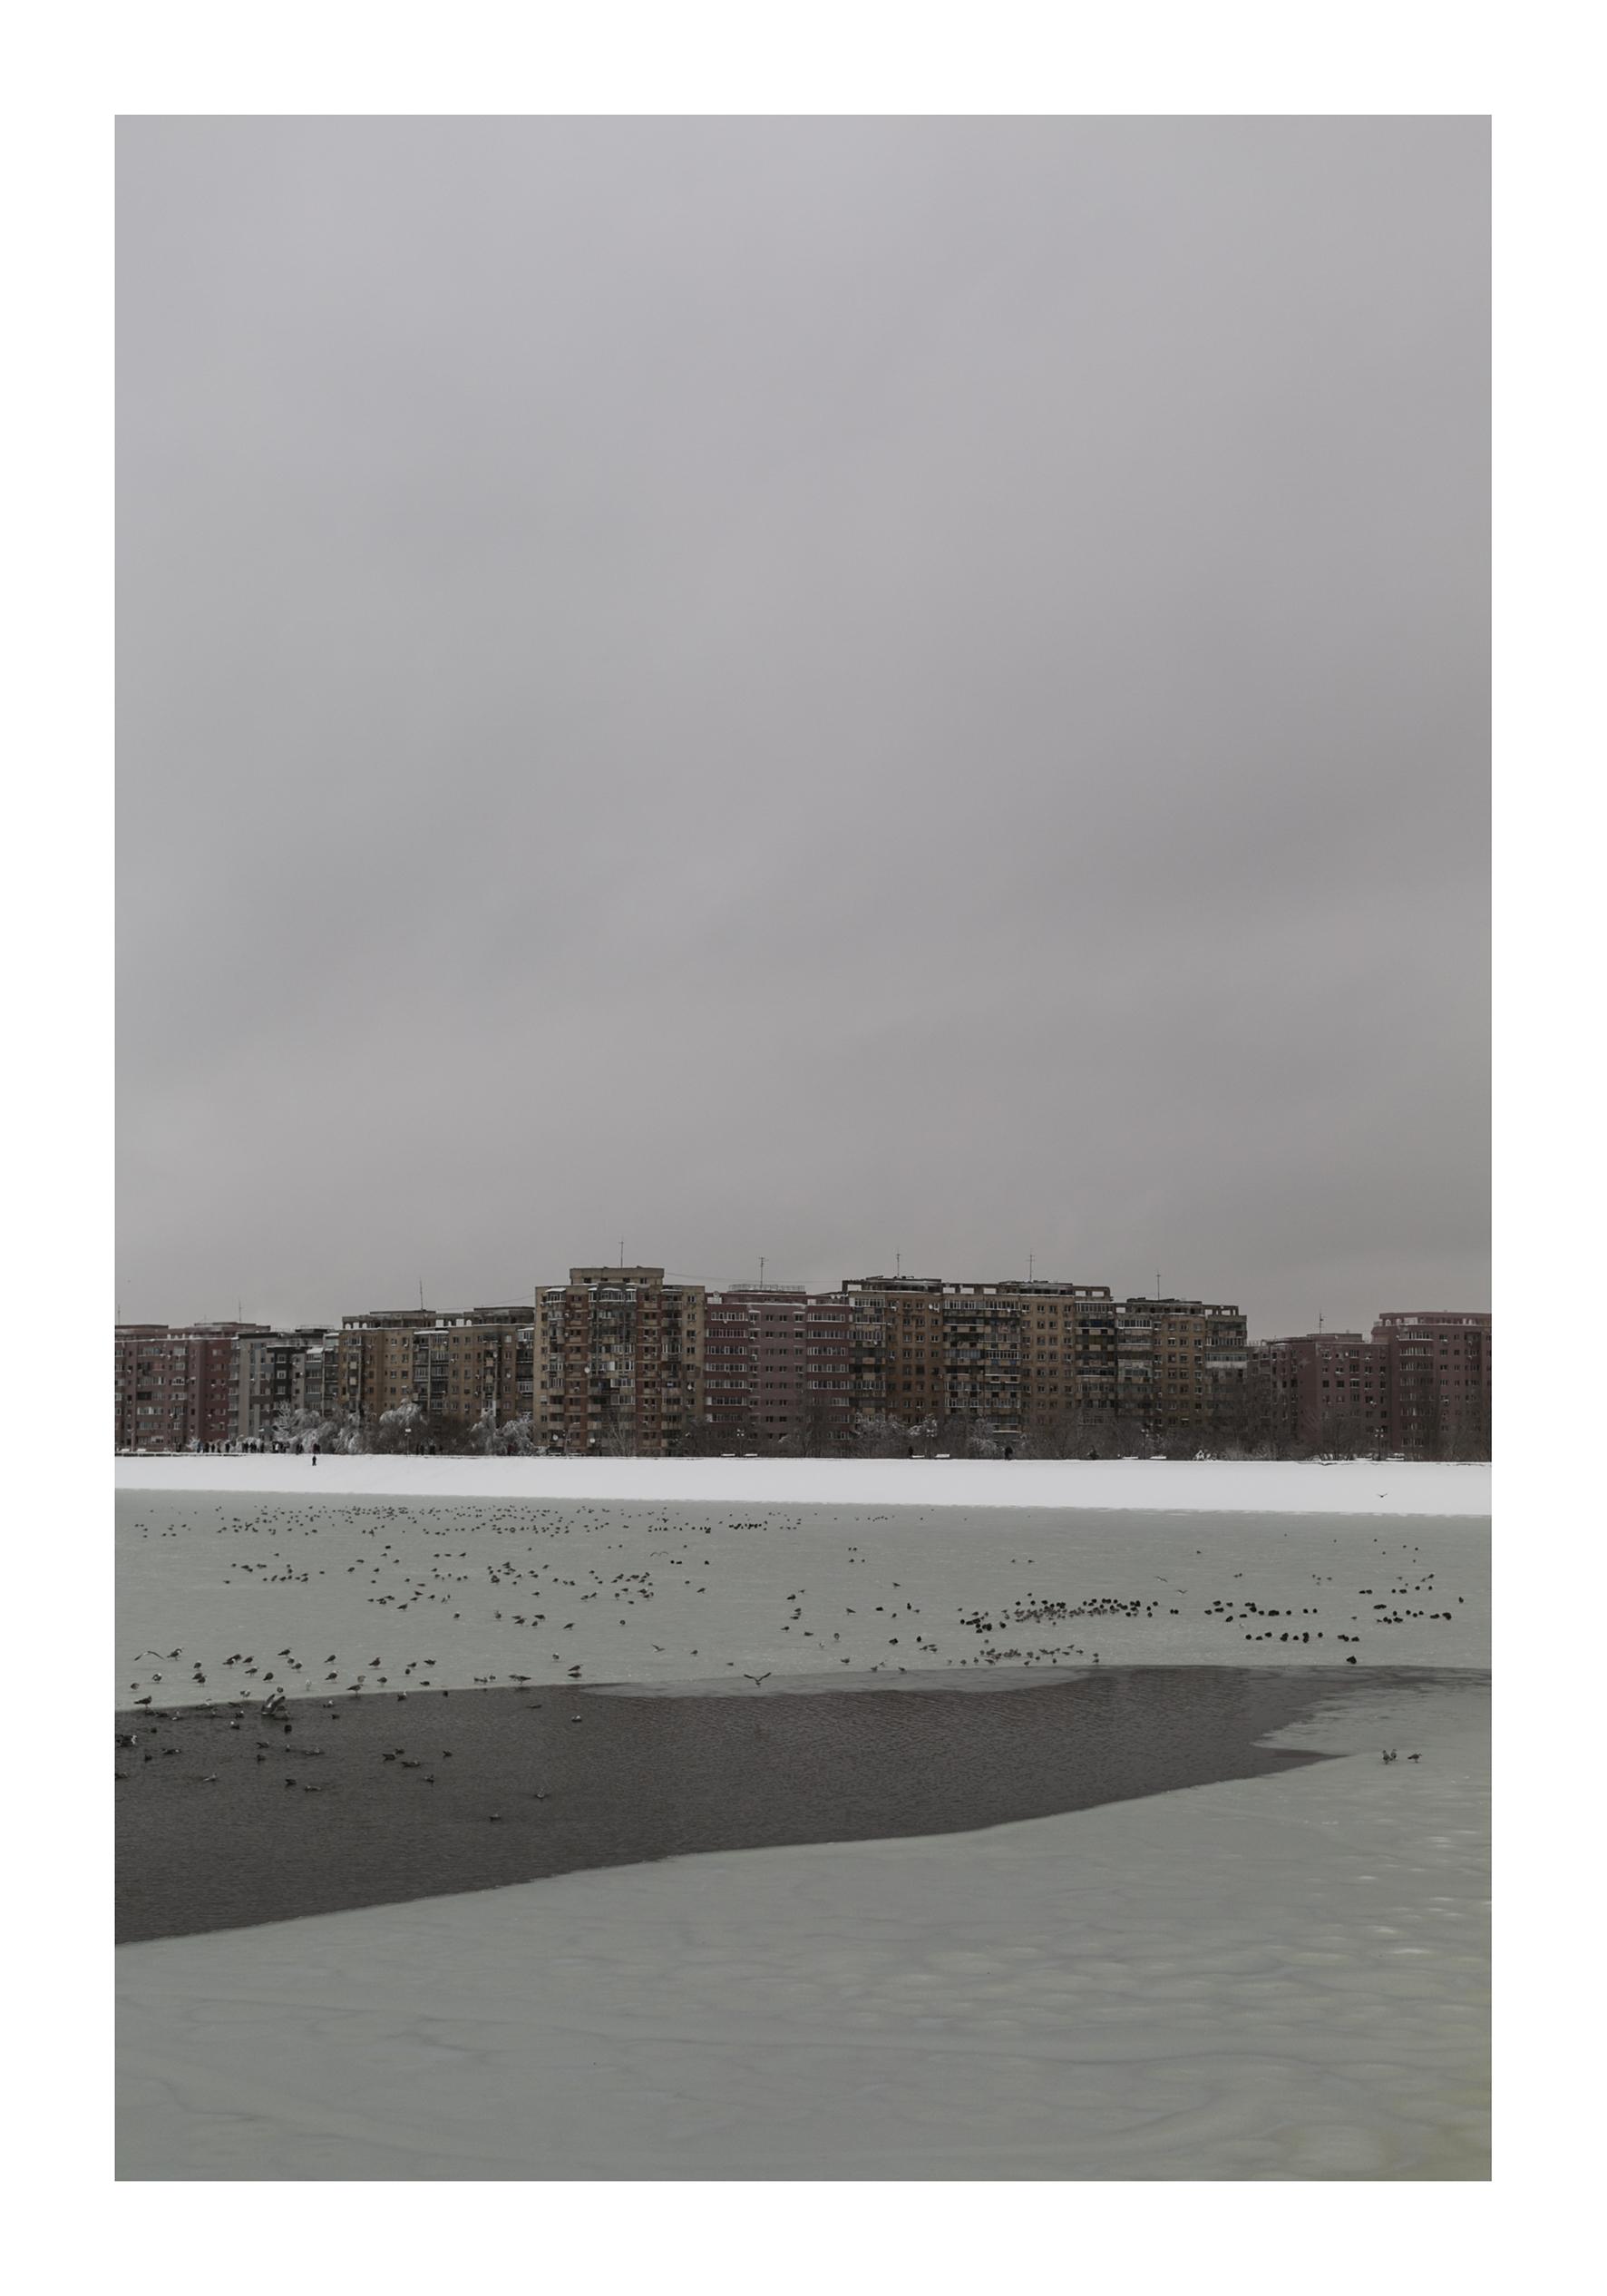 Sieranevada 4067